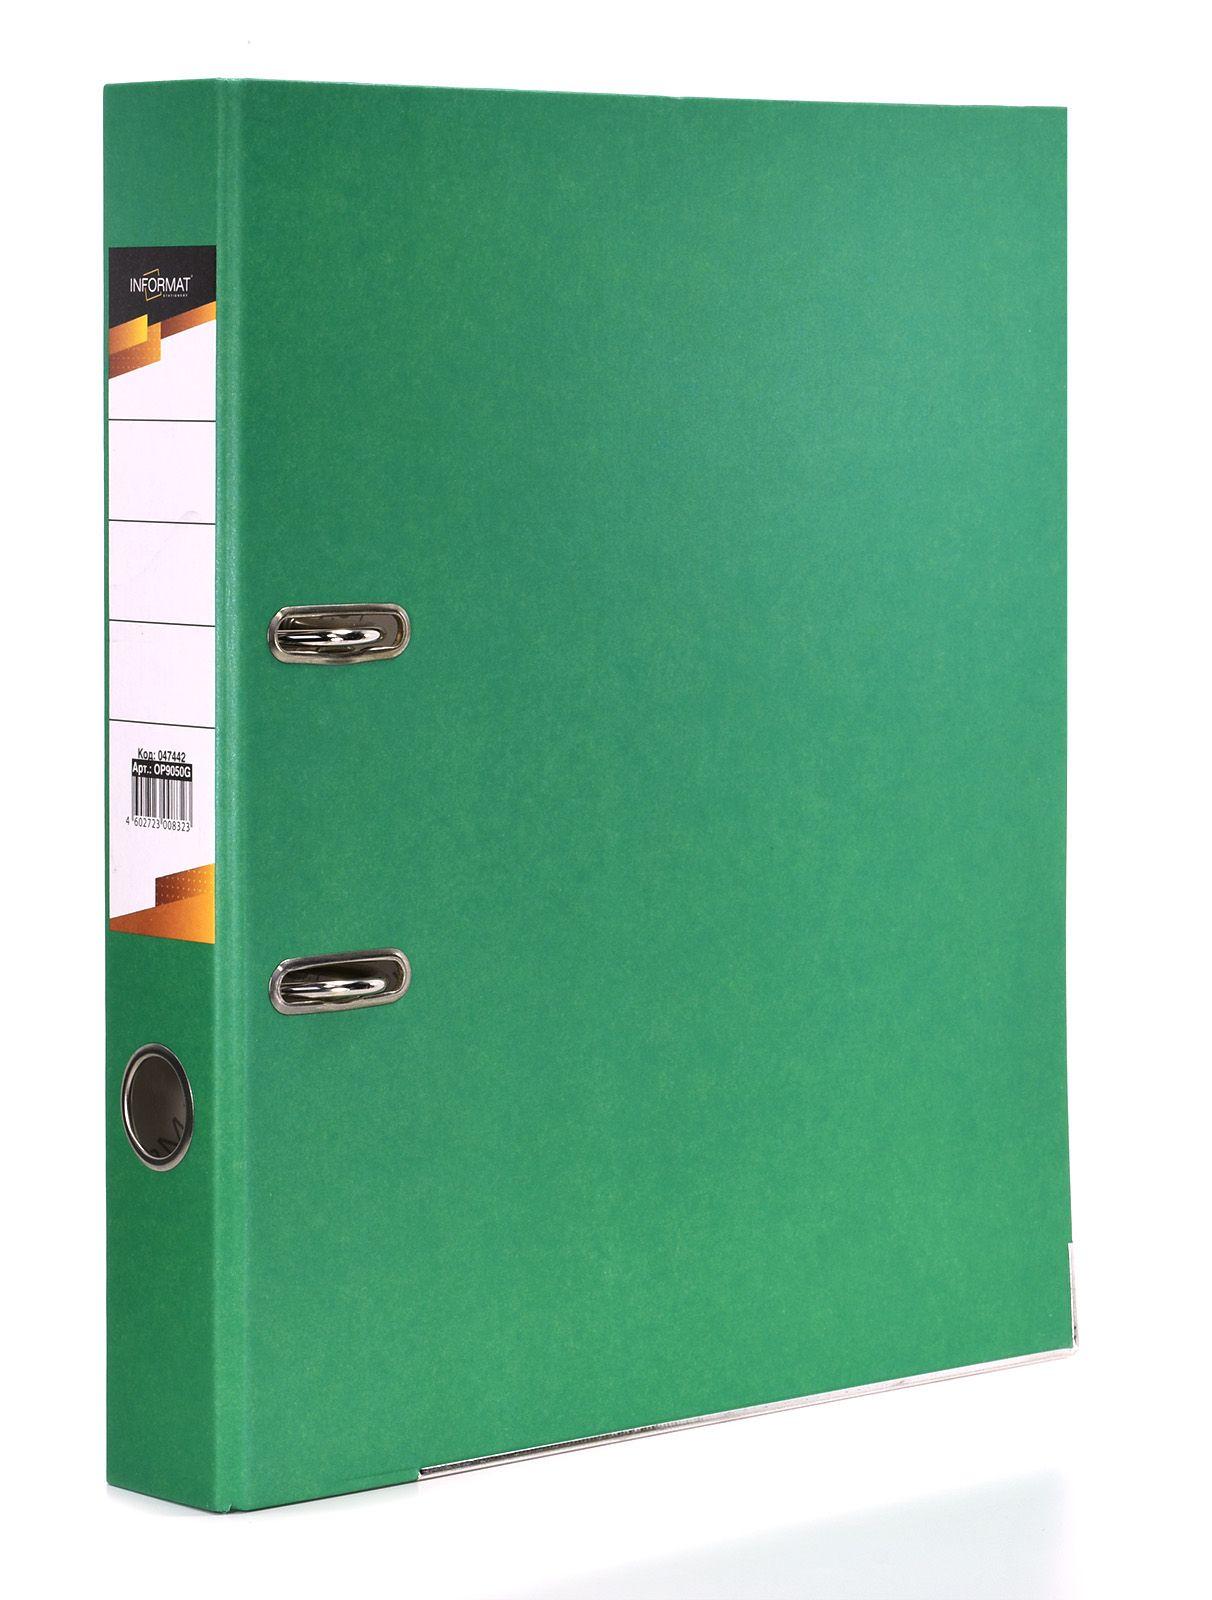 Папка-регистратор INFORMAT 55 мм бумага, зеленая